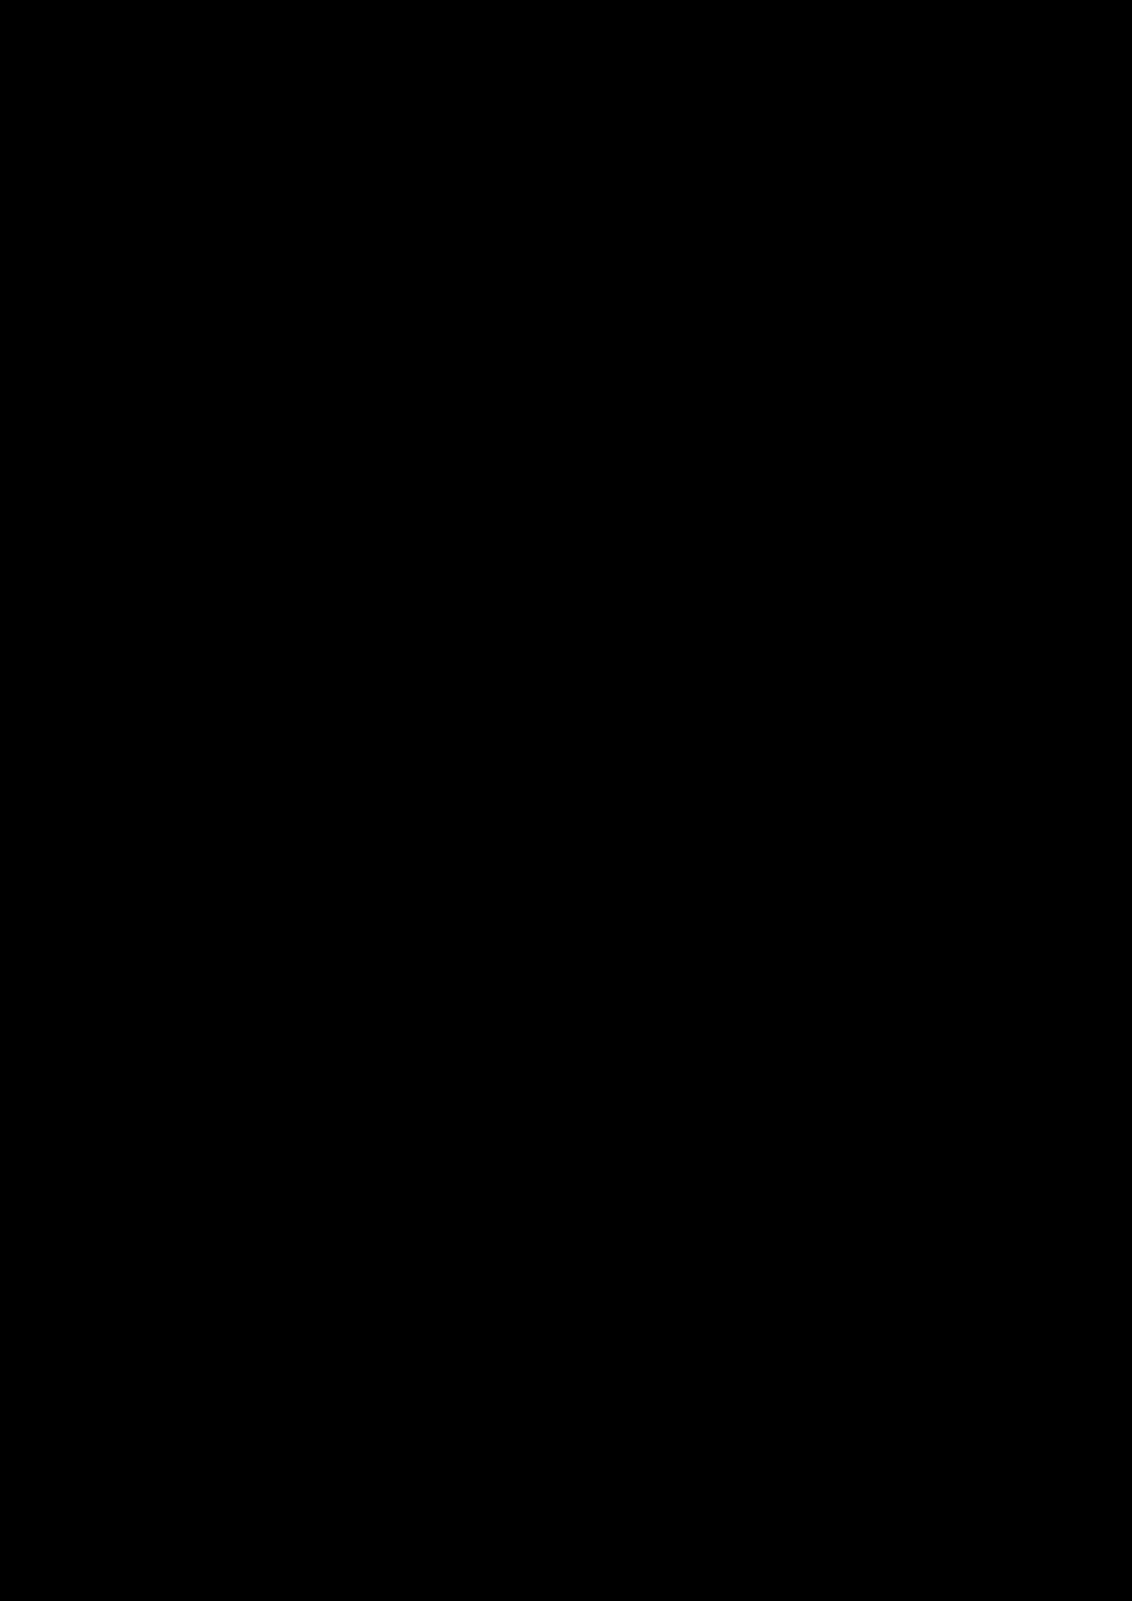 Zagadka volshebnoy stranyi slide, Image 134